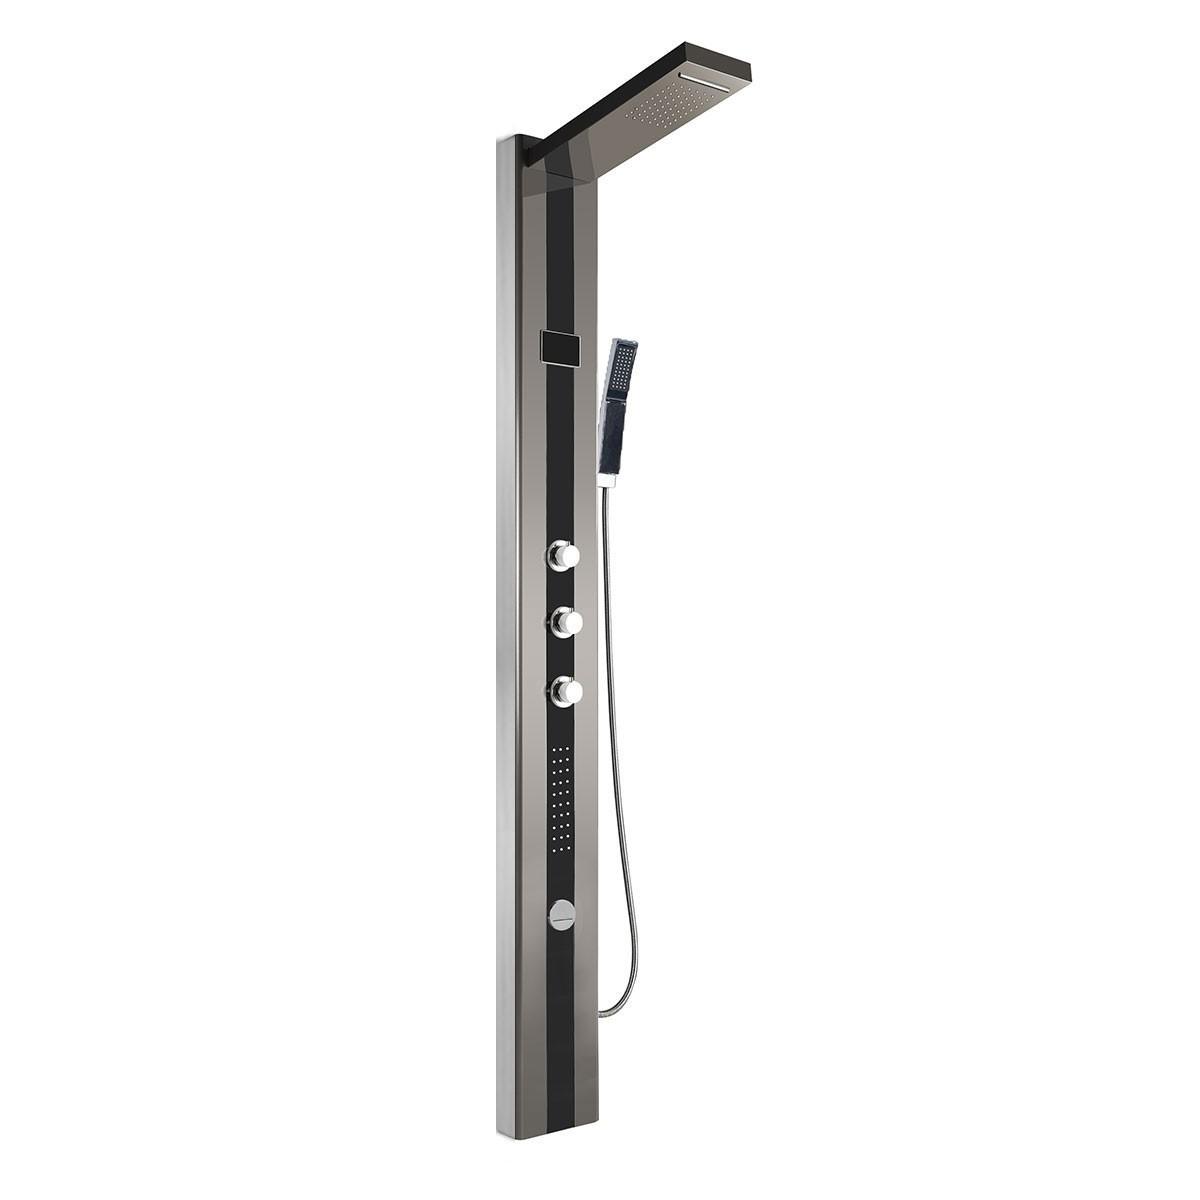 Panneau de douche thermostatique LED en acier inoxydable noir et brossé (LYB-5530-SH)